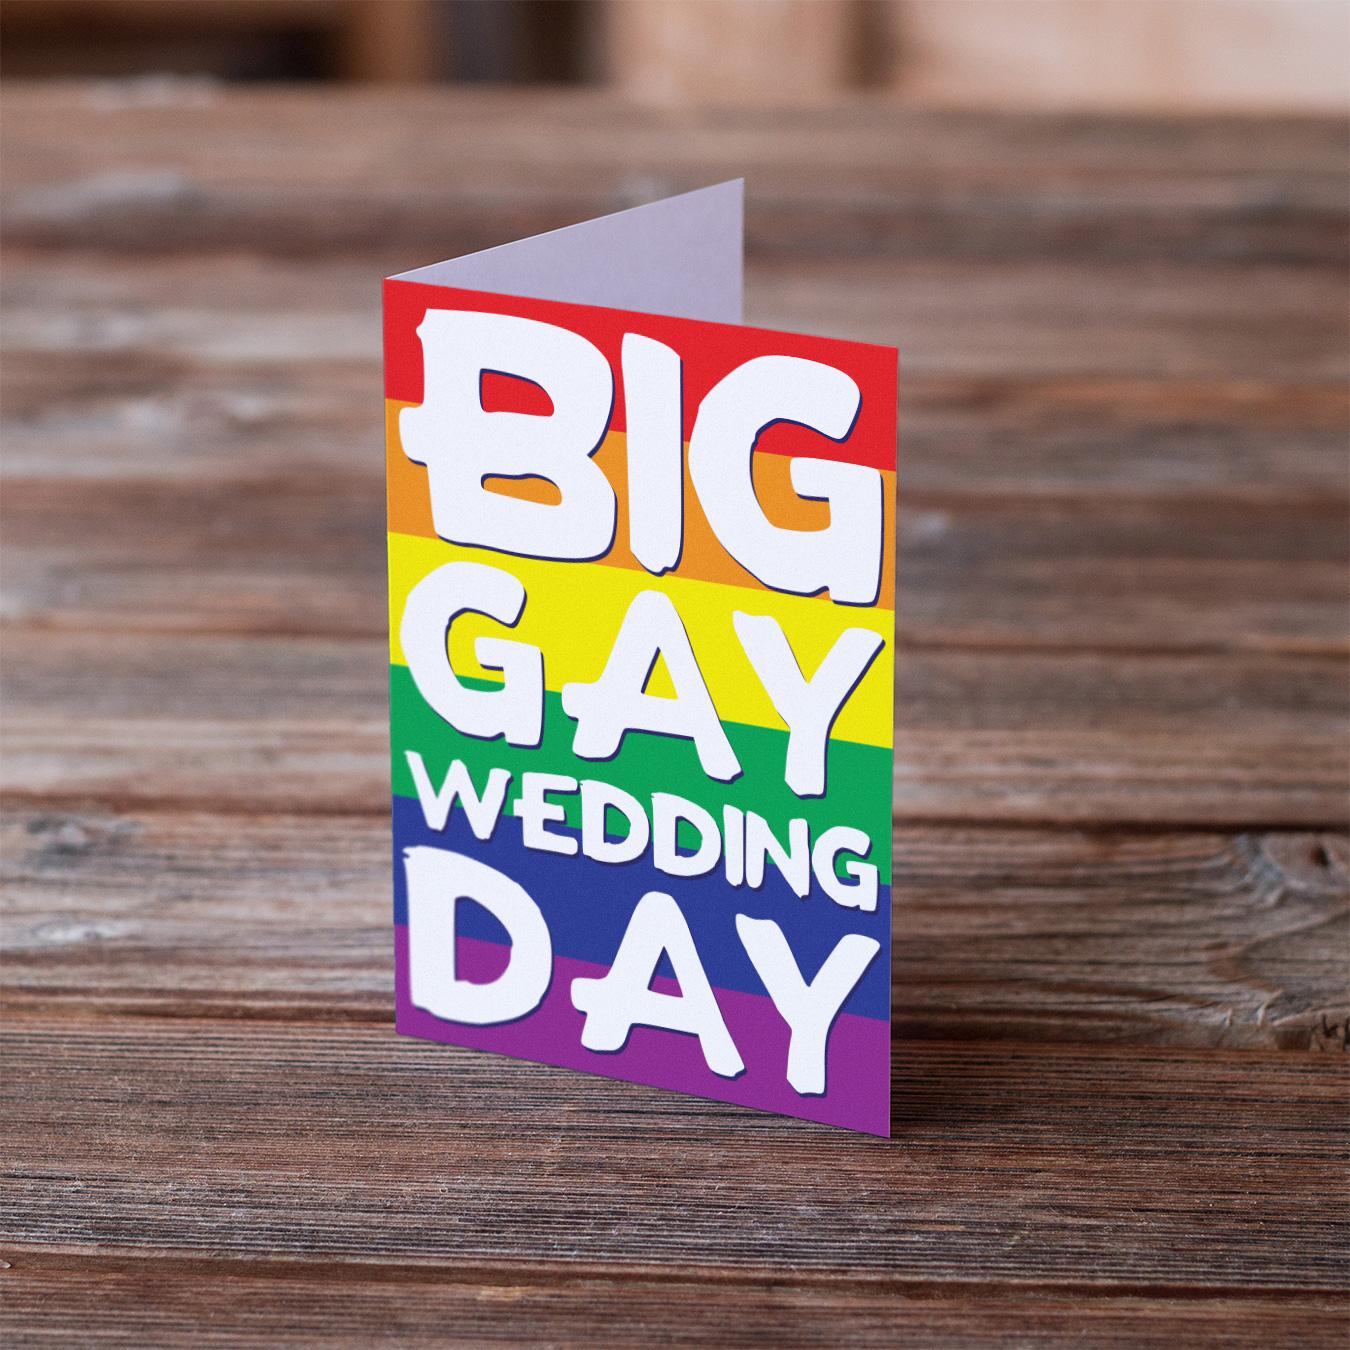 big gay wedding day cards LGBT wedding rainbow same sex marriage lesbian gay card